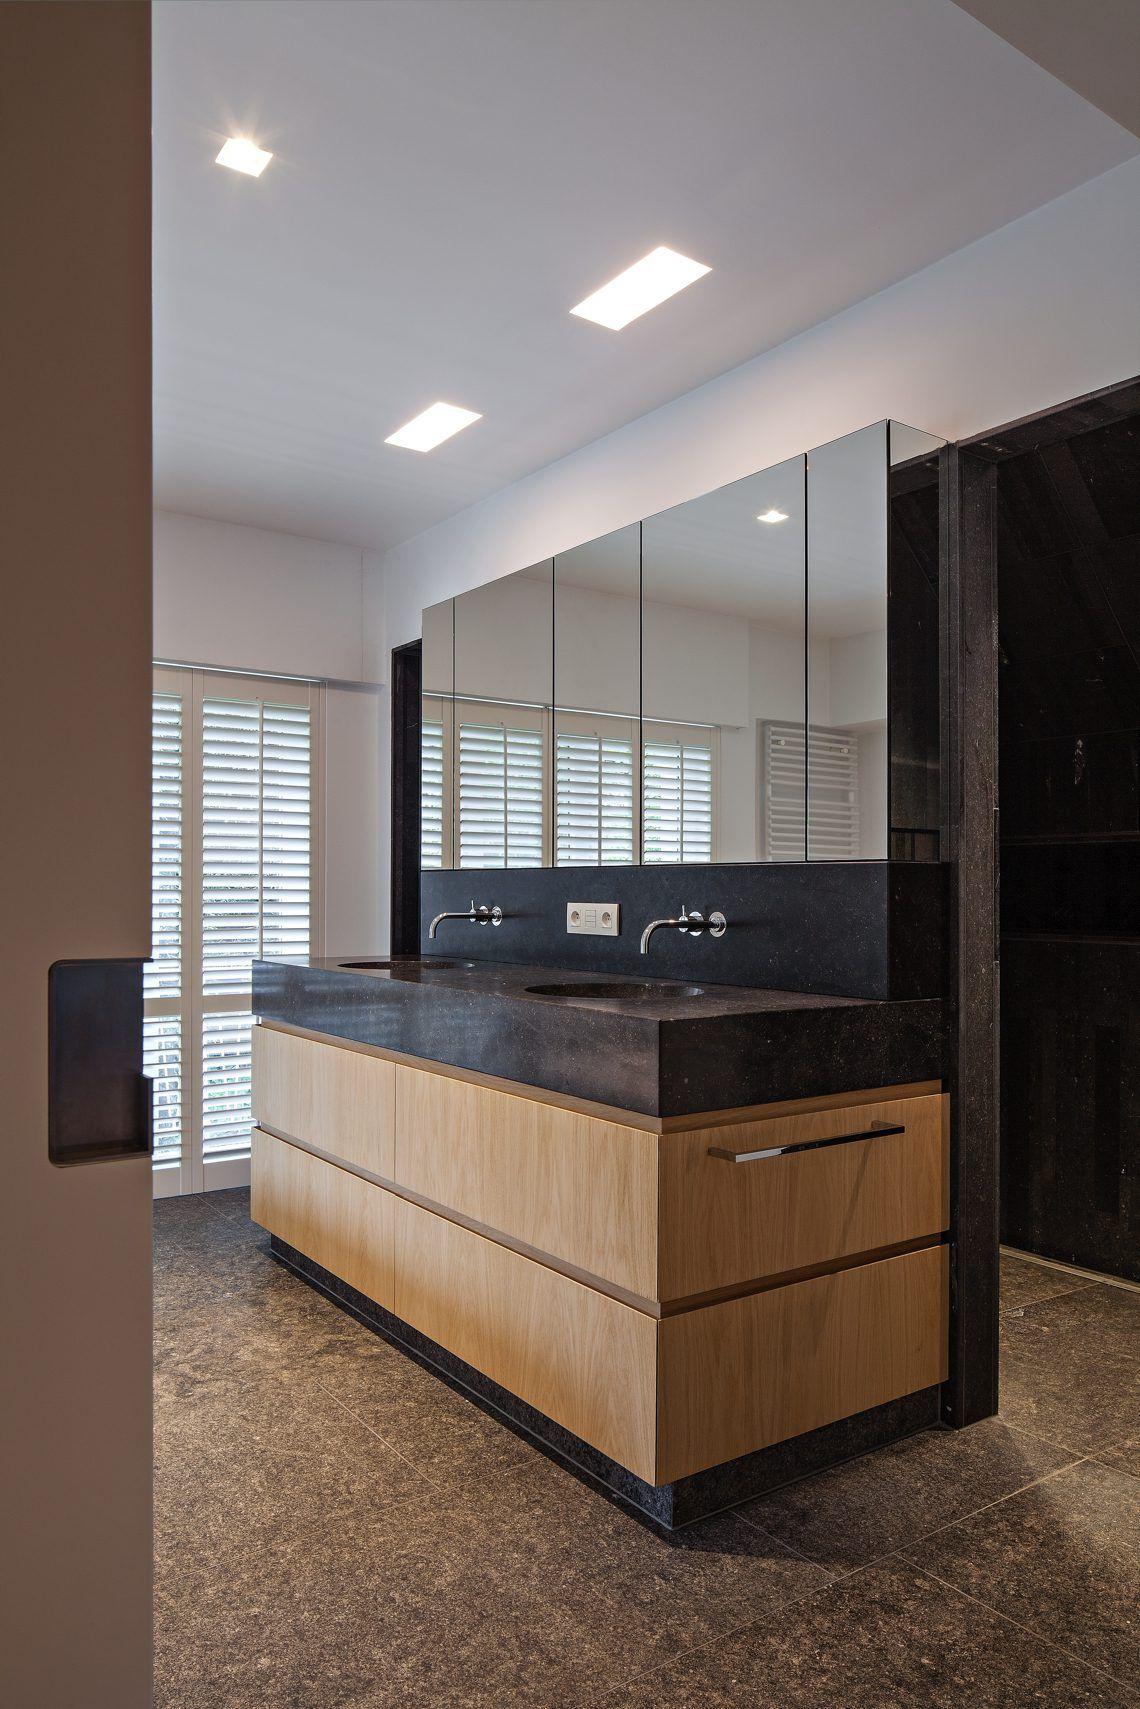 B+ Villas Renovation Interiors - Interieur renovatie van een familiewoning - Hoog ■ Exclusieve woon- en tuin inspiratie.